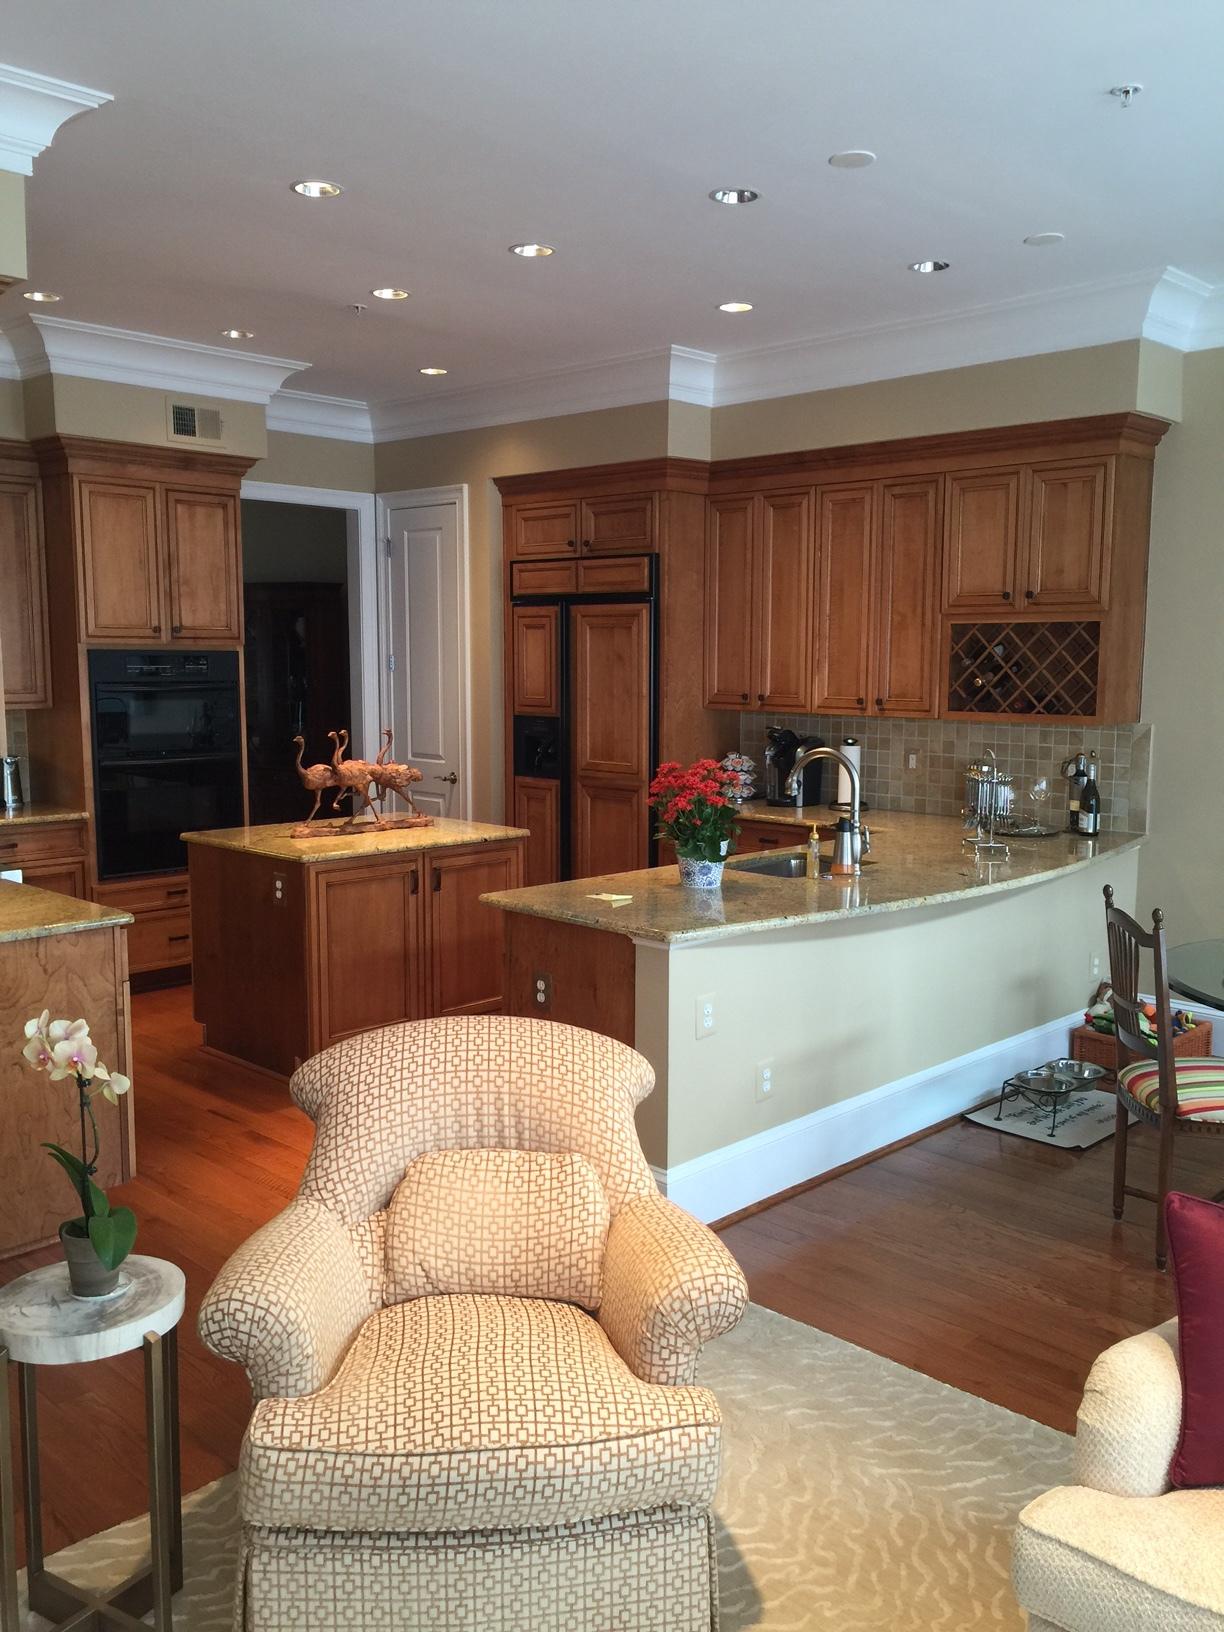 Oblon_Kitchen_CrownMolding_warmrichneutral.JPG